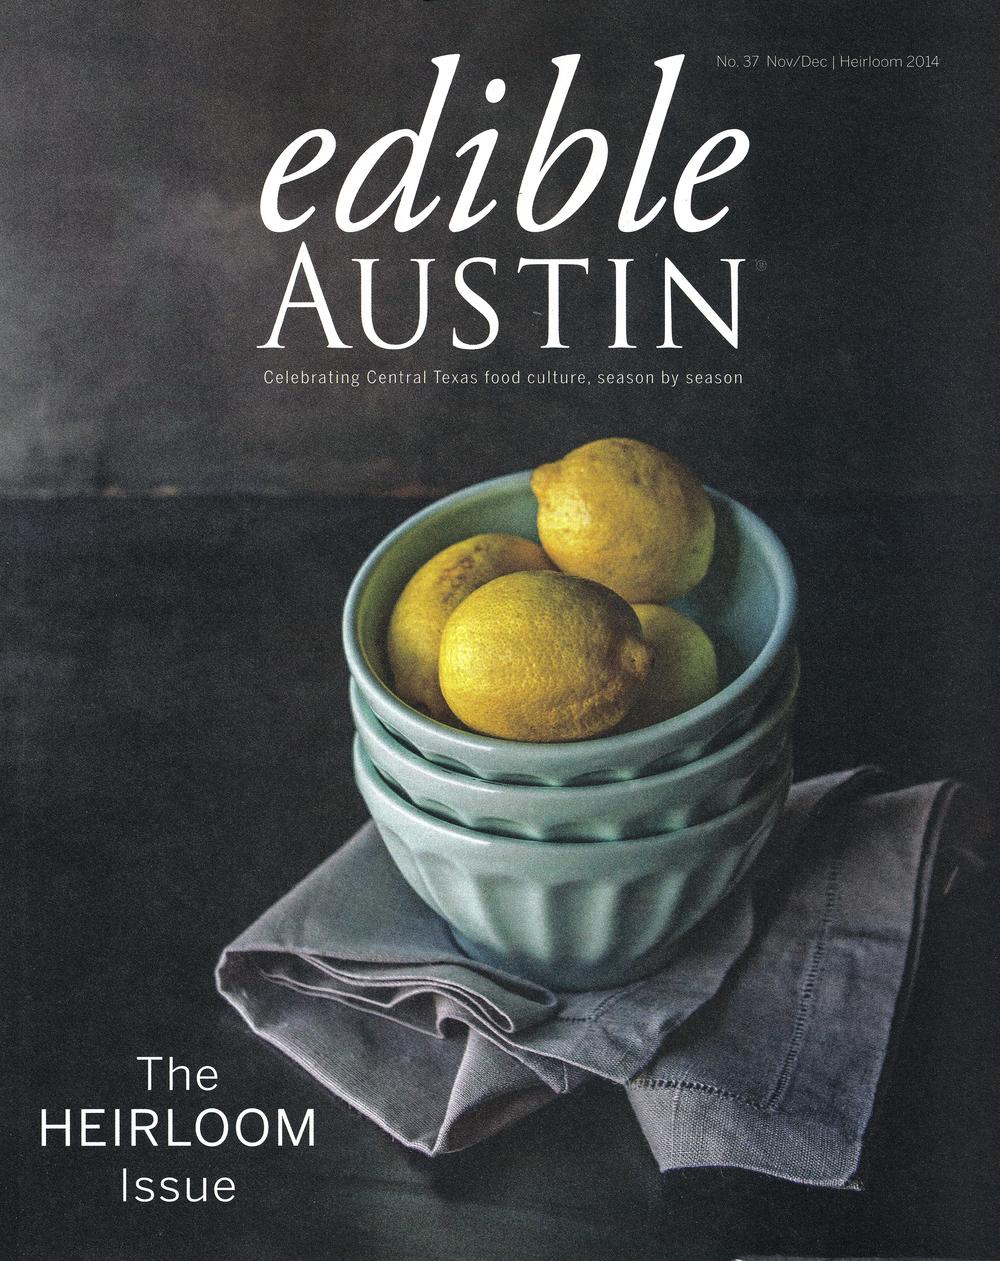 edible austin lemon cover.jpg